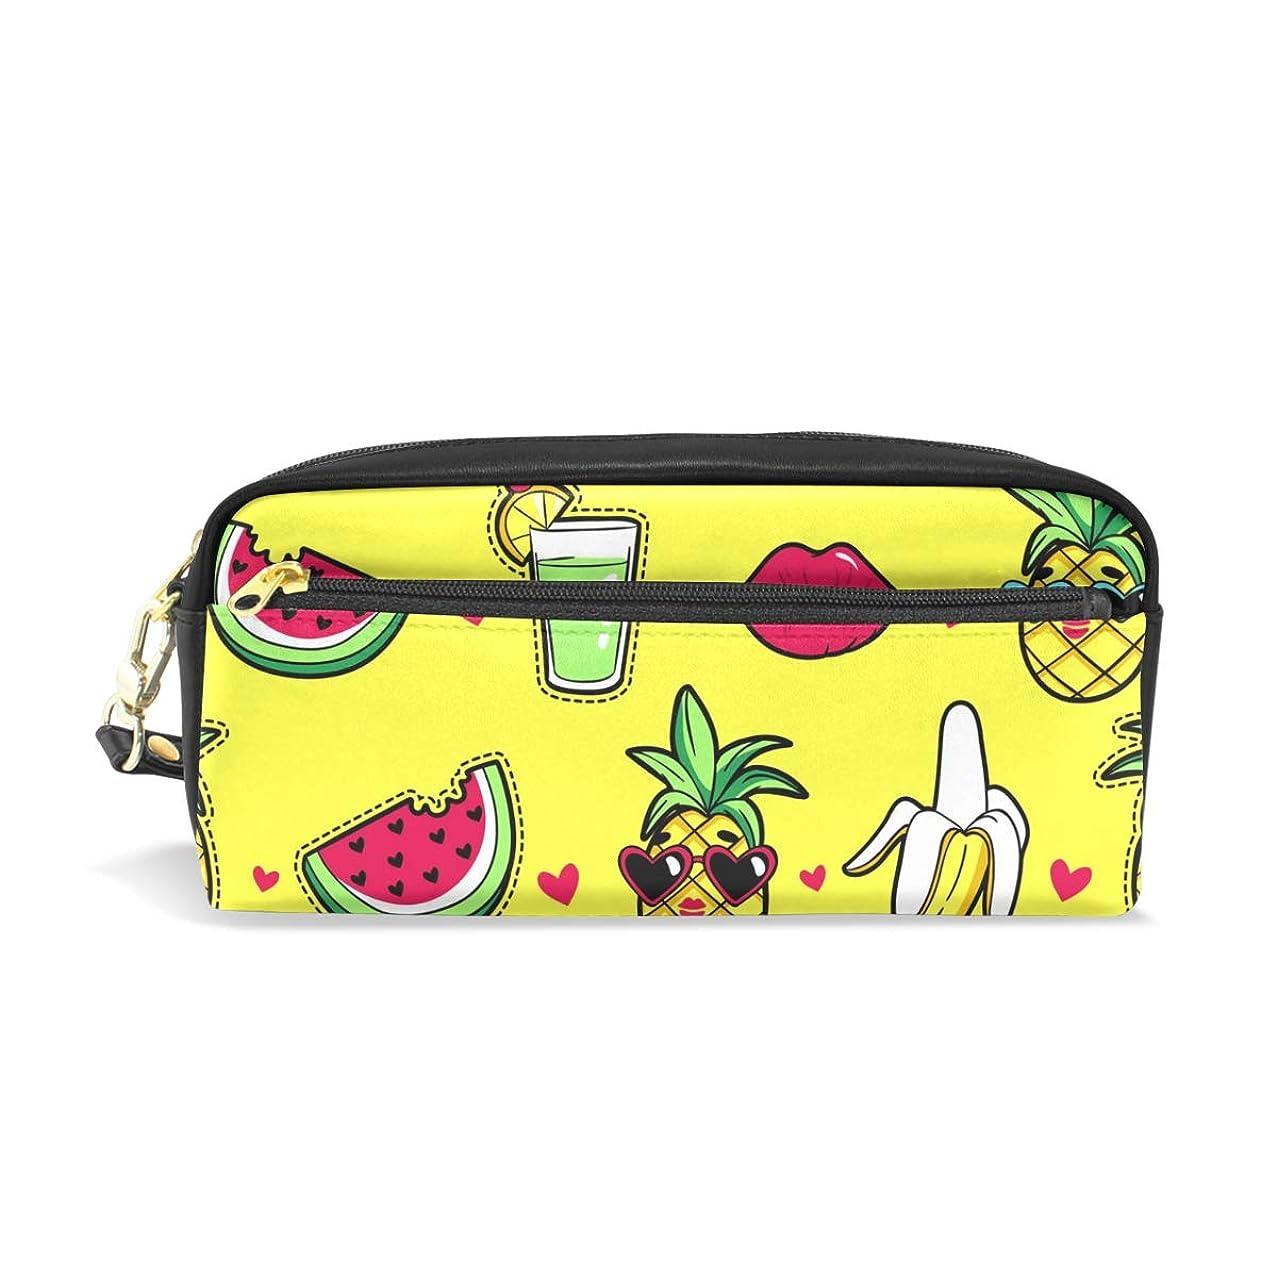 方言受取人簡単にAOMOKI ペンケース 小物入り 多機能バッグ ペンポーチ 化粧ポーチ おしゃれ かわいい 男女兼用 ギフト プレゼント スイカ バナナ パイナップル 果物